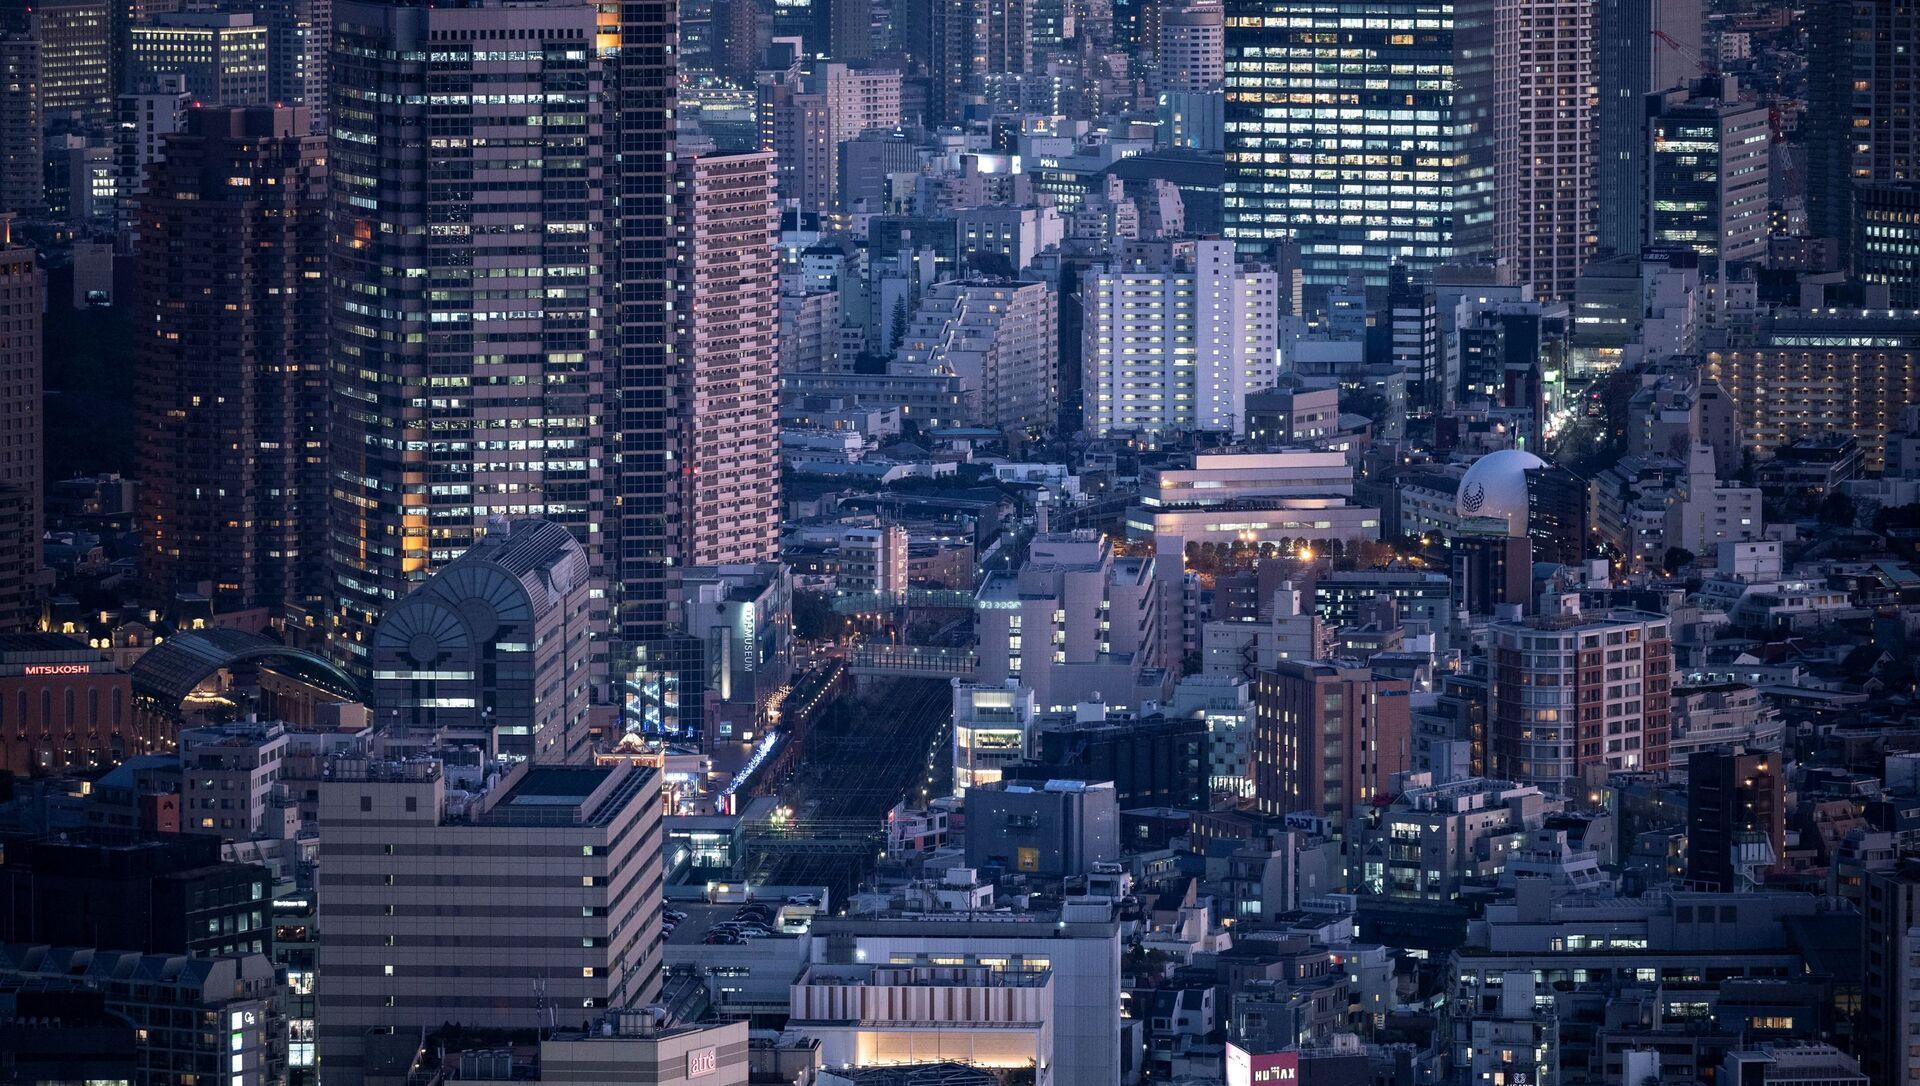 Вид на Токио, фото из архива - Sputnik Азербайджан, 1920, 06.09.2021